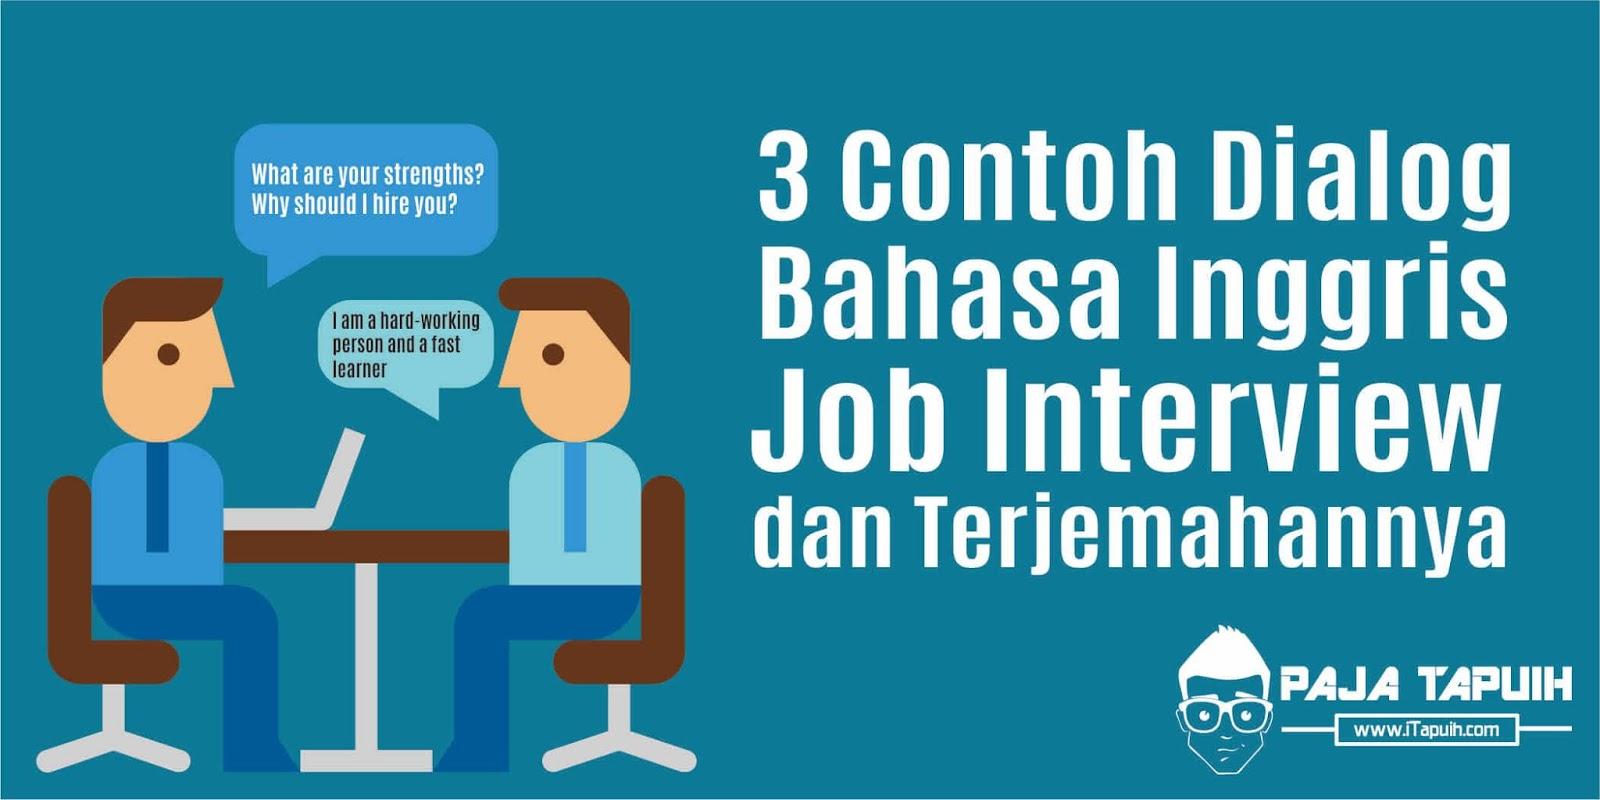 3 Contoh Dialog Bahasa Inggris Job Interview dan Terjemahannya